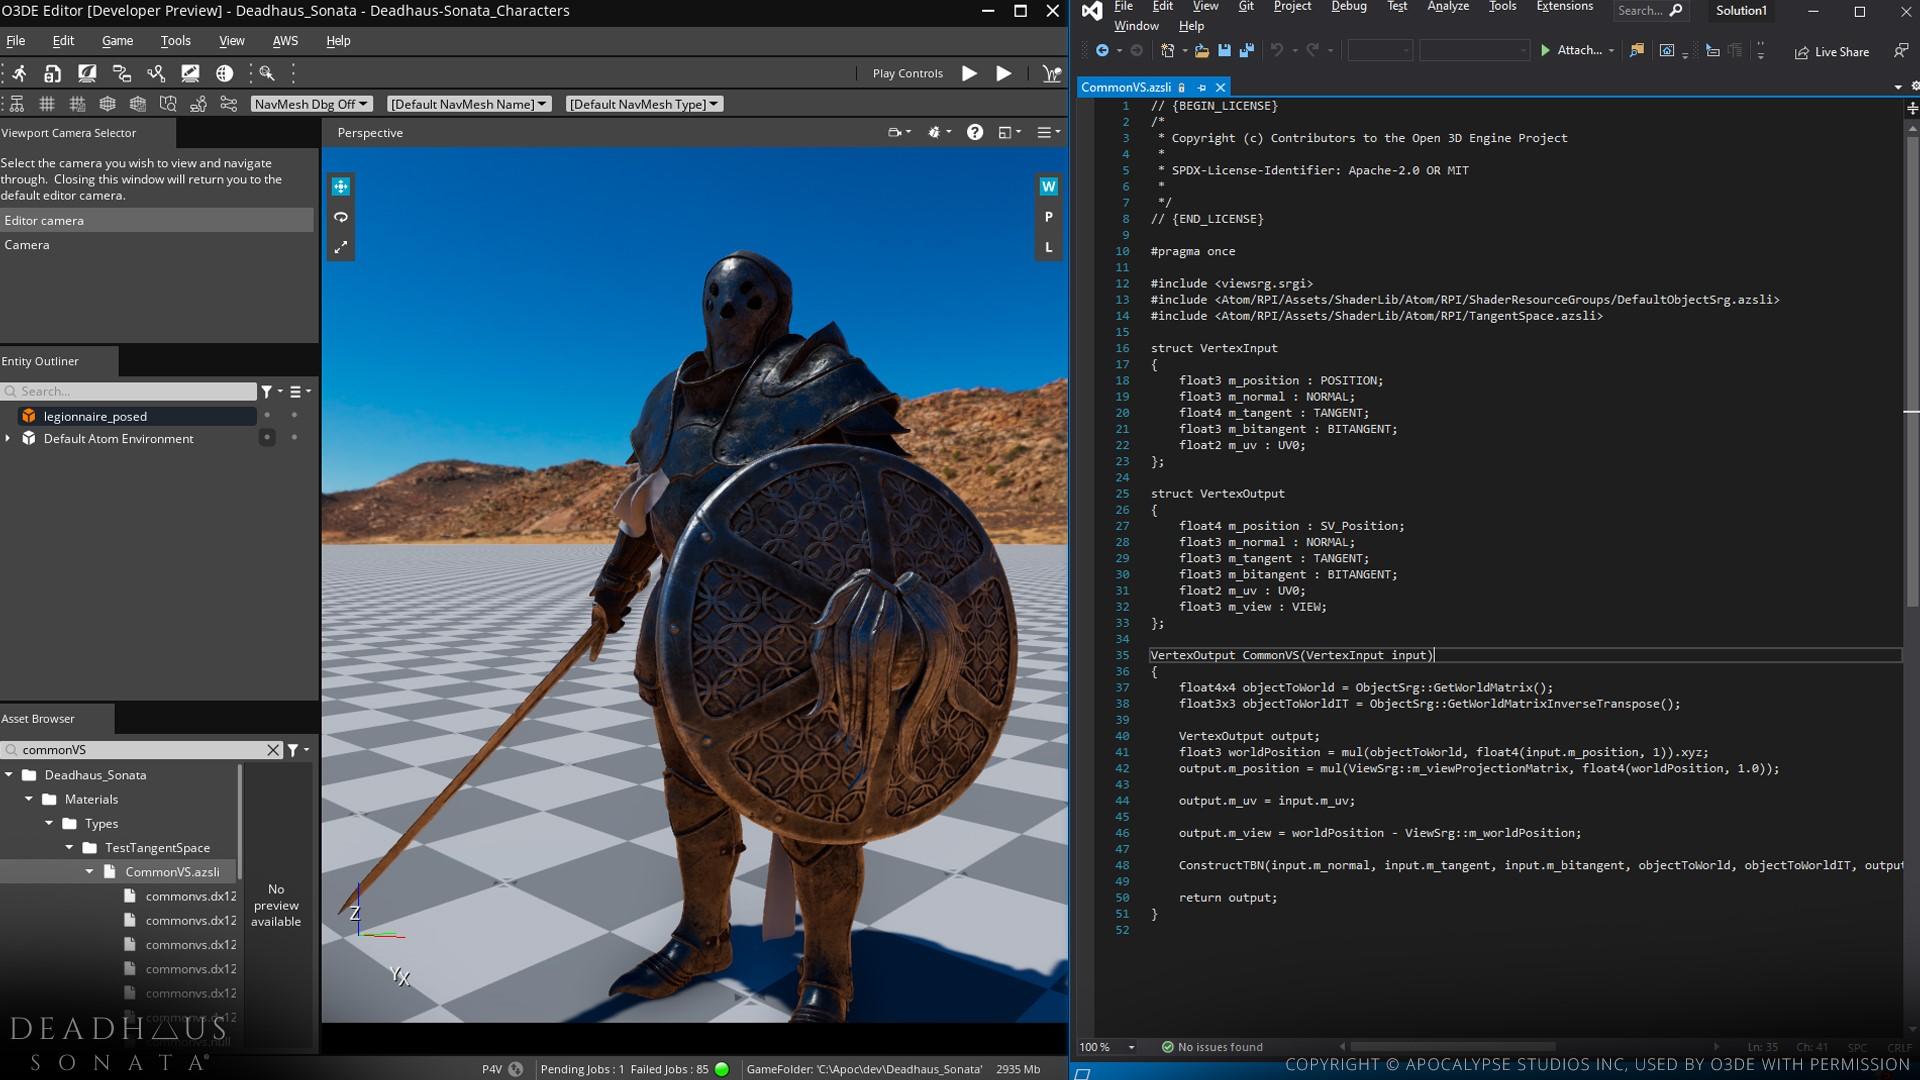 An Amazon Shader Language (AZSL) file open next to the O3DE Editor.